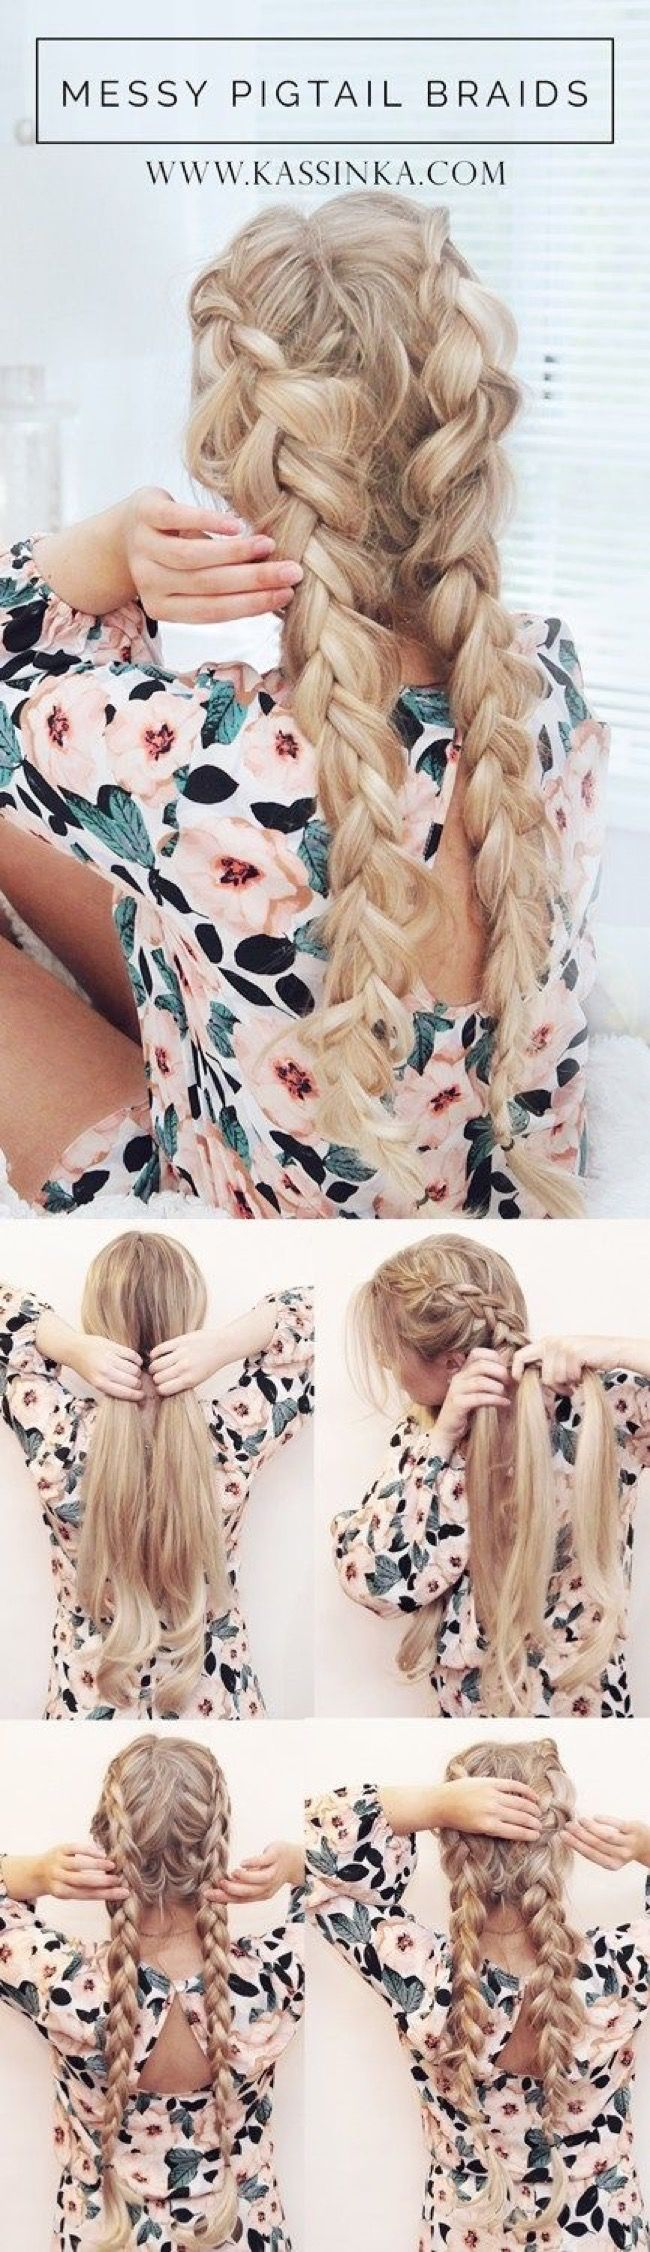 Современная коса сильно отличается от классической, хотя и сохранила различия, касающиеся общего вида и техники исполнения. Так, бывает коса русская, греческая, французская и другие.